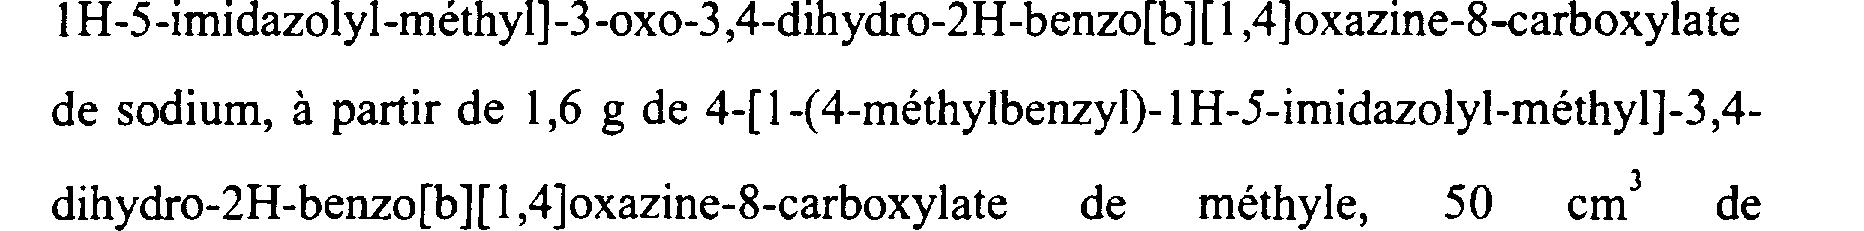 Figure img00470003